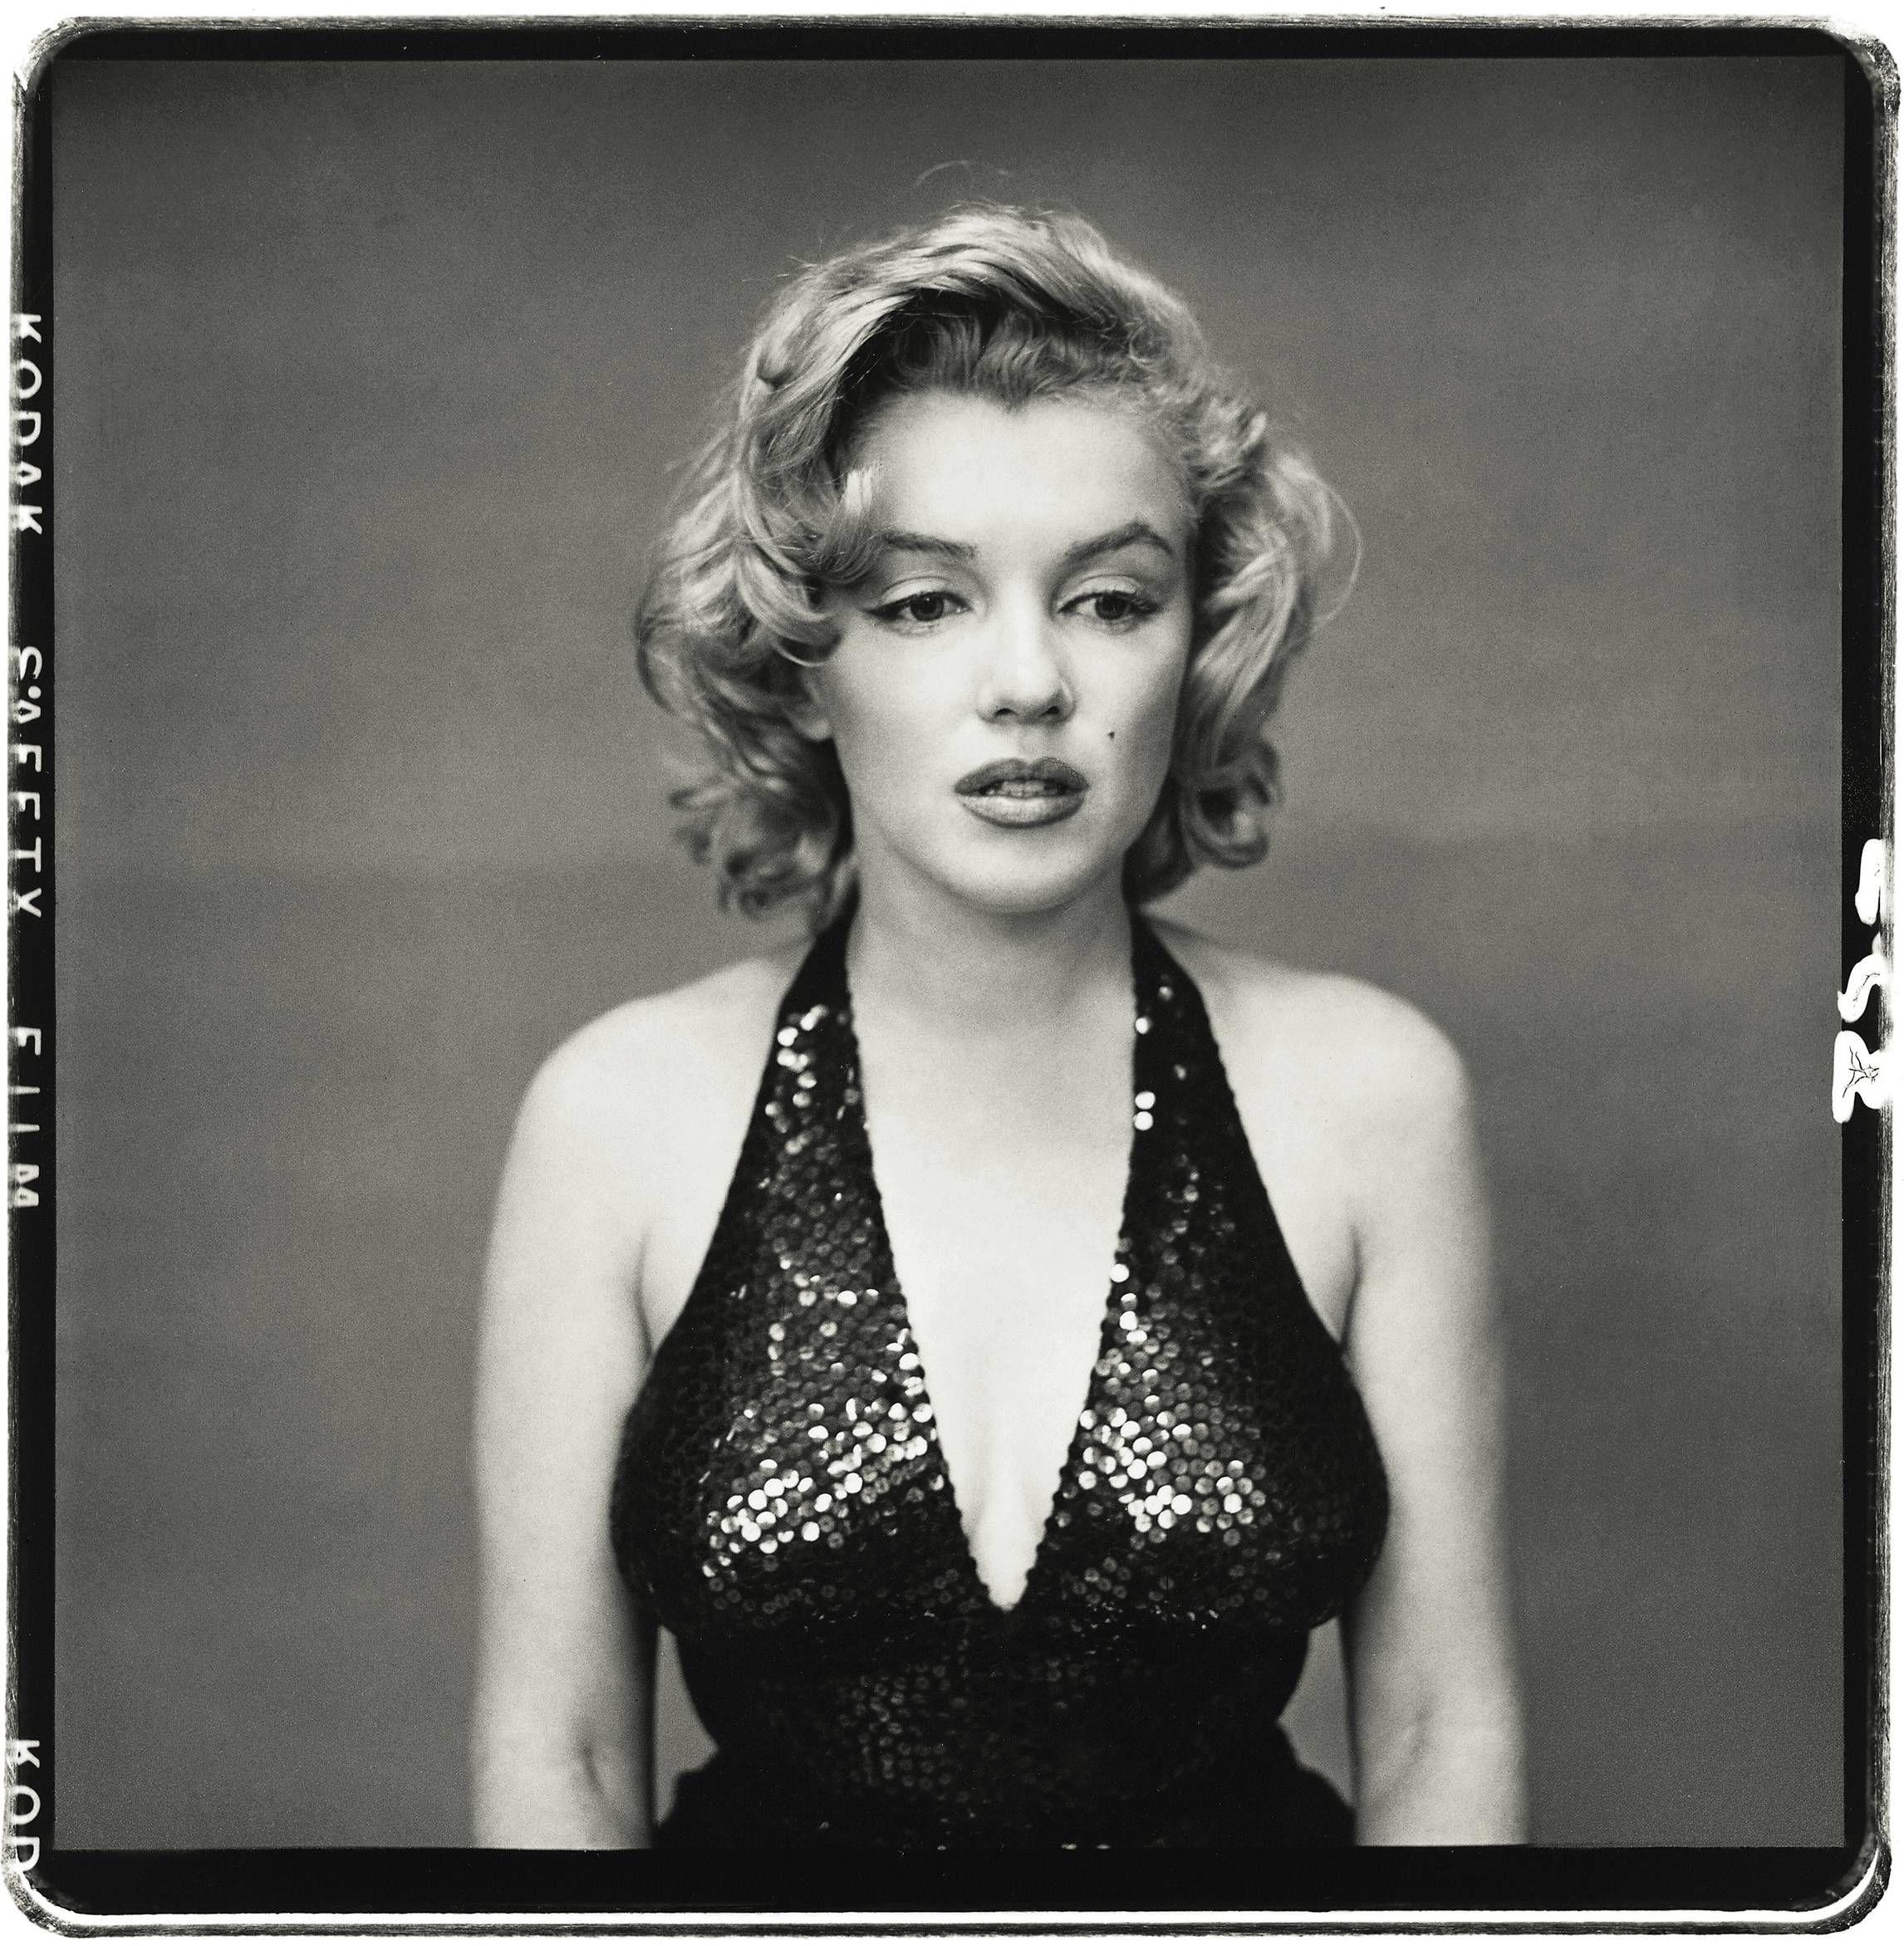 Marilyn Monroe (1. juni 1926 – 5. august 1962 ) (født Norma Jeane Mortenson, men døbt Norma Jeane Baker)